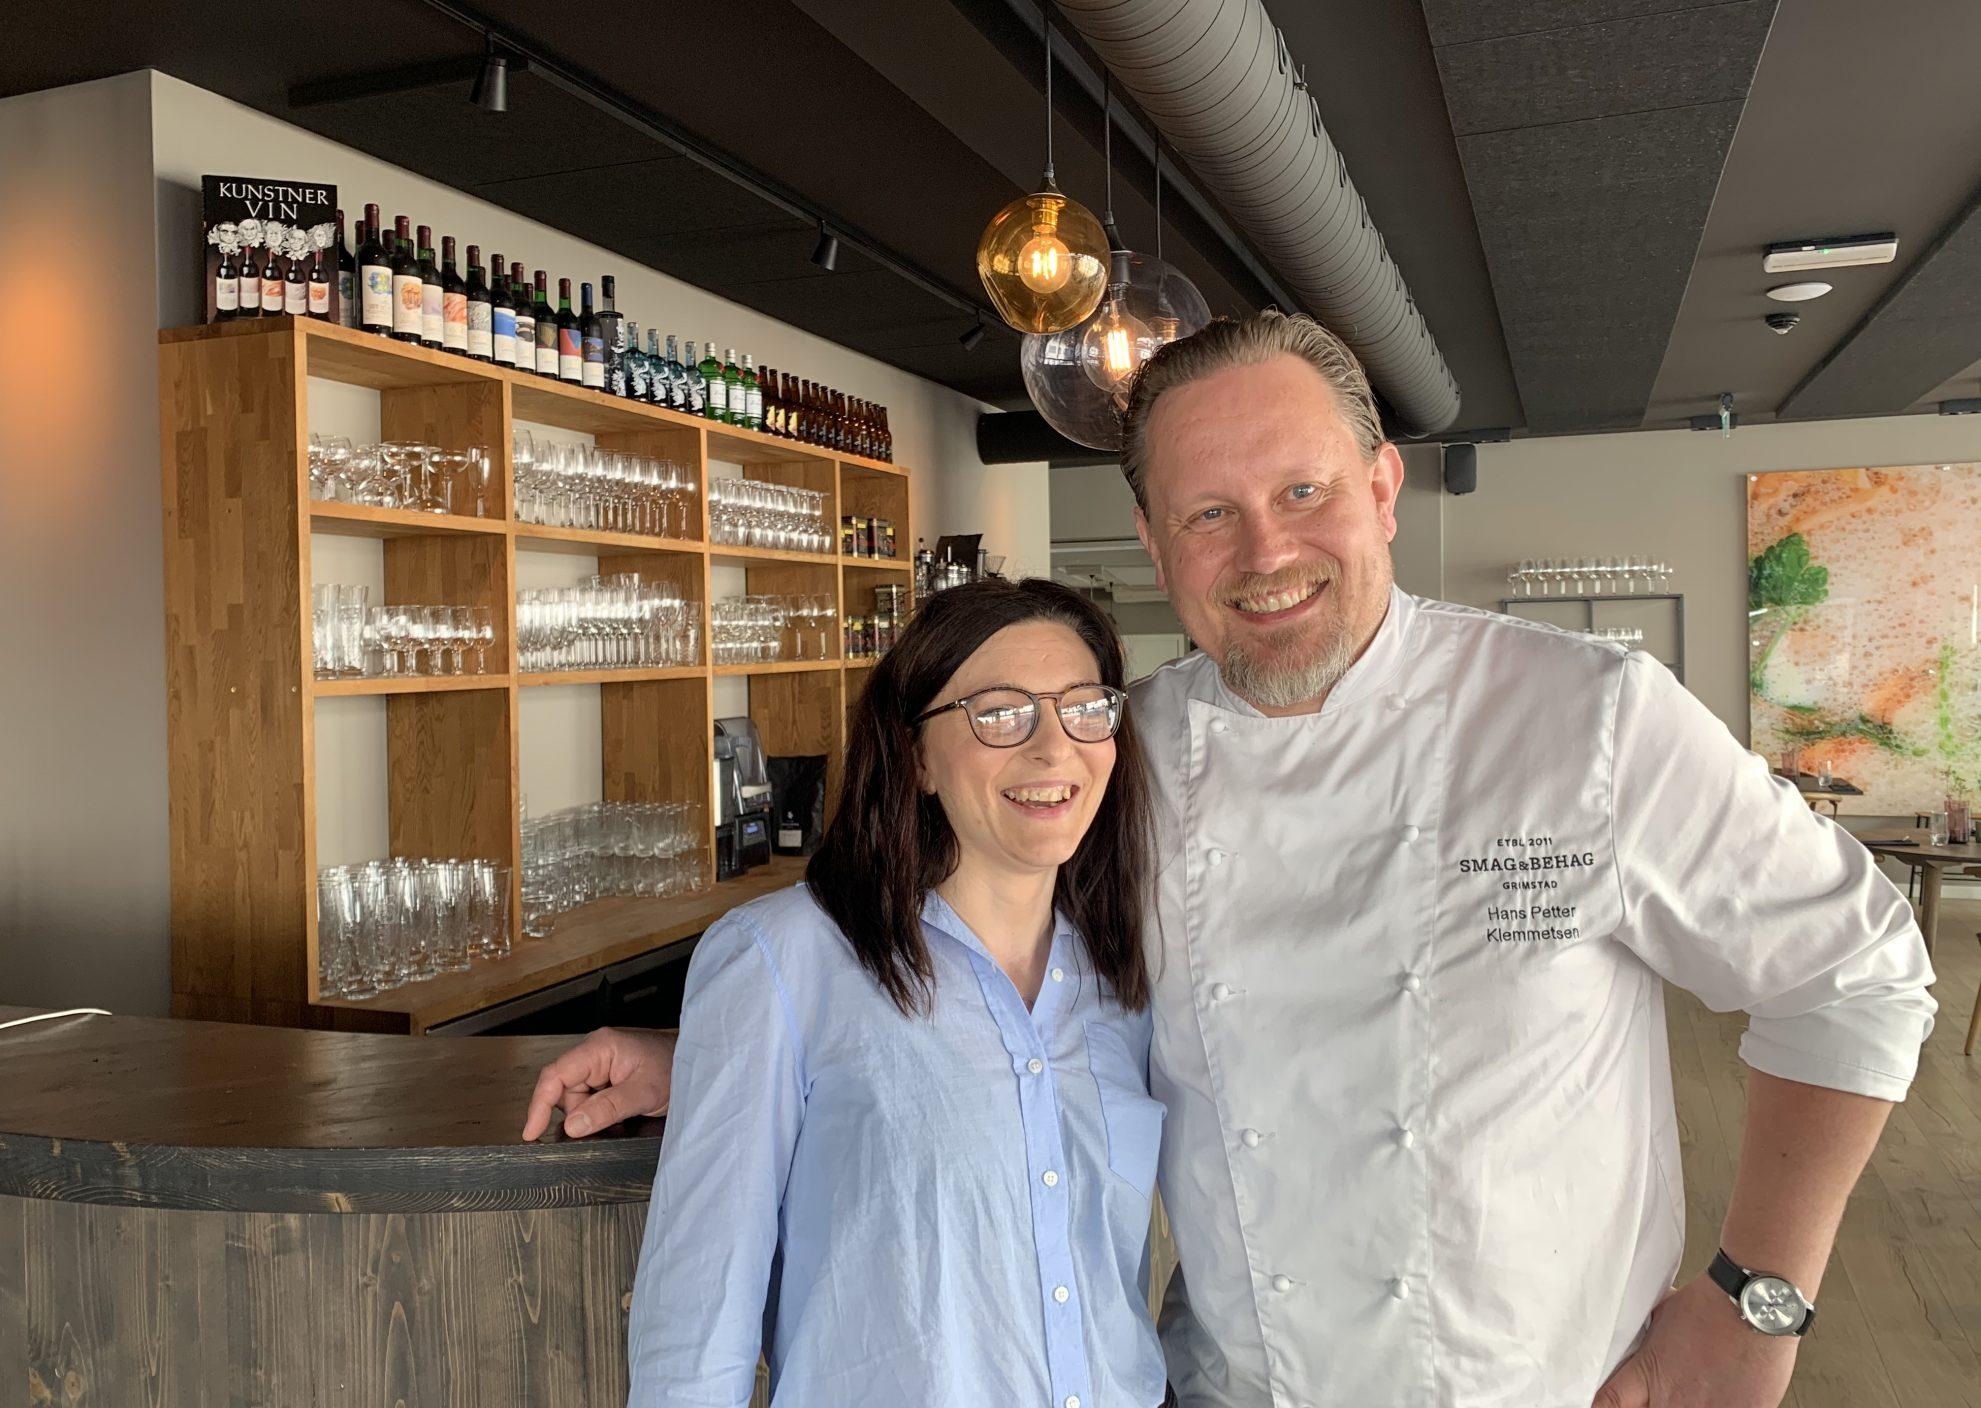 Agne Evensen har gjort en så god jobb på Smag & Behag at daglig leder Hans Petter Klemmetsen har gitt henne ansvaret som restaurantsjef på den populære og anerkjente restauranten i Grimstad.